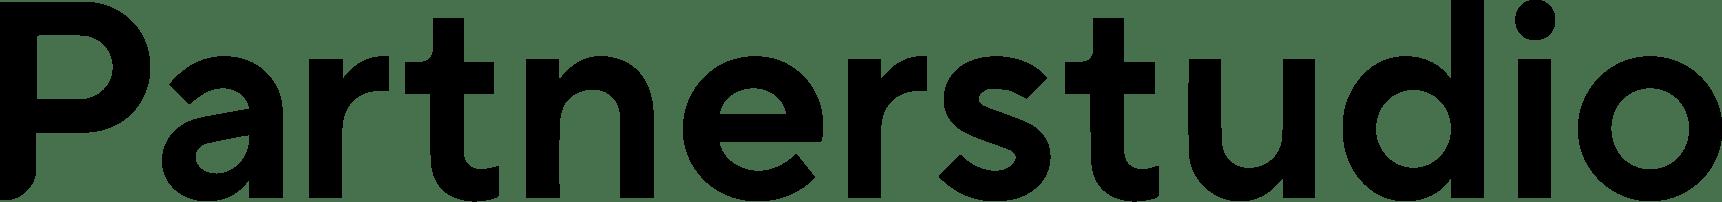 Partnerstudio_Norms.png